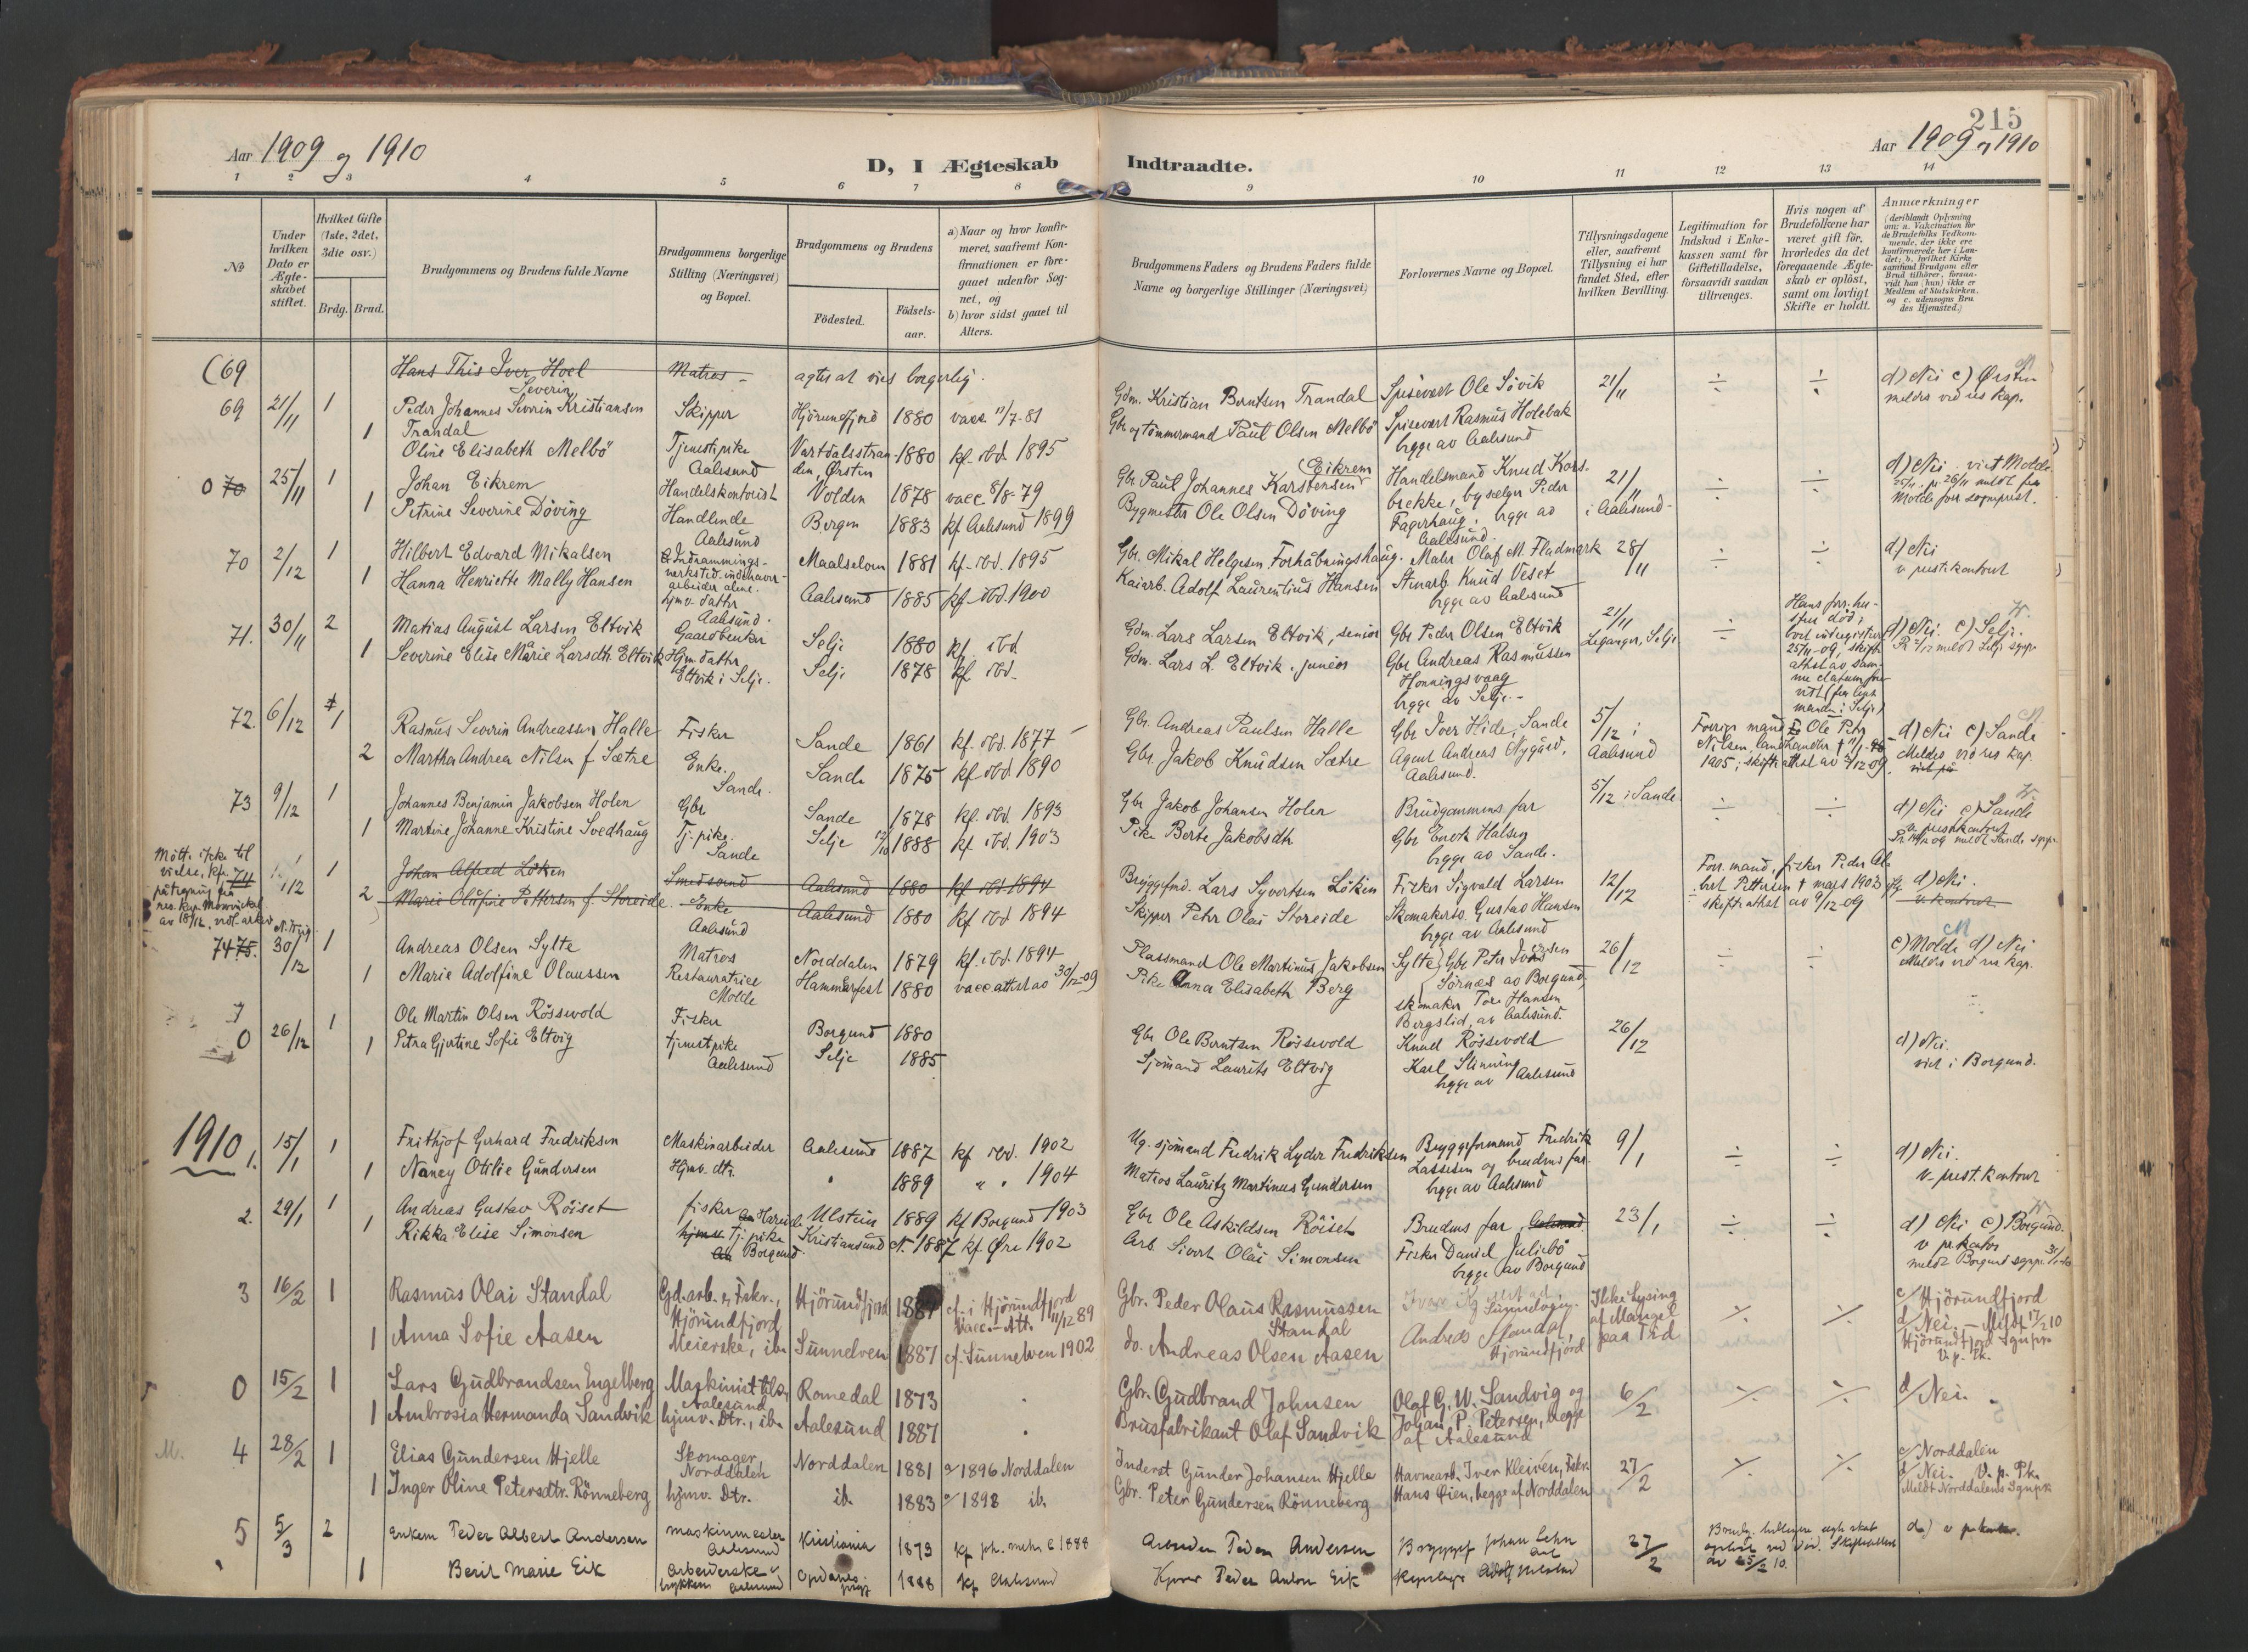 SAT, Ministerialprotokoller, klokkerbøker og fødselsregistre - Møre og Romsdal, 529/L0459: Ministerialbok nr. 529A09, 1904-1917, s. 215